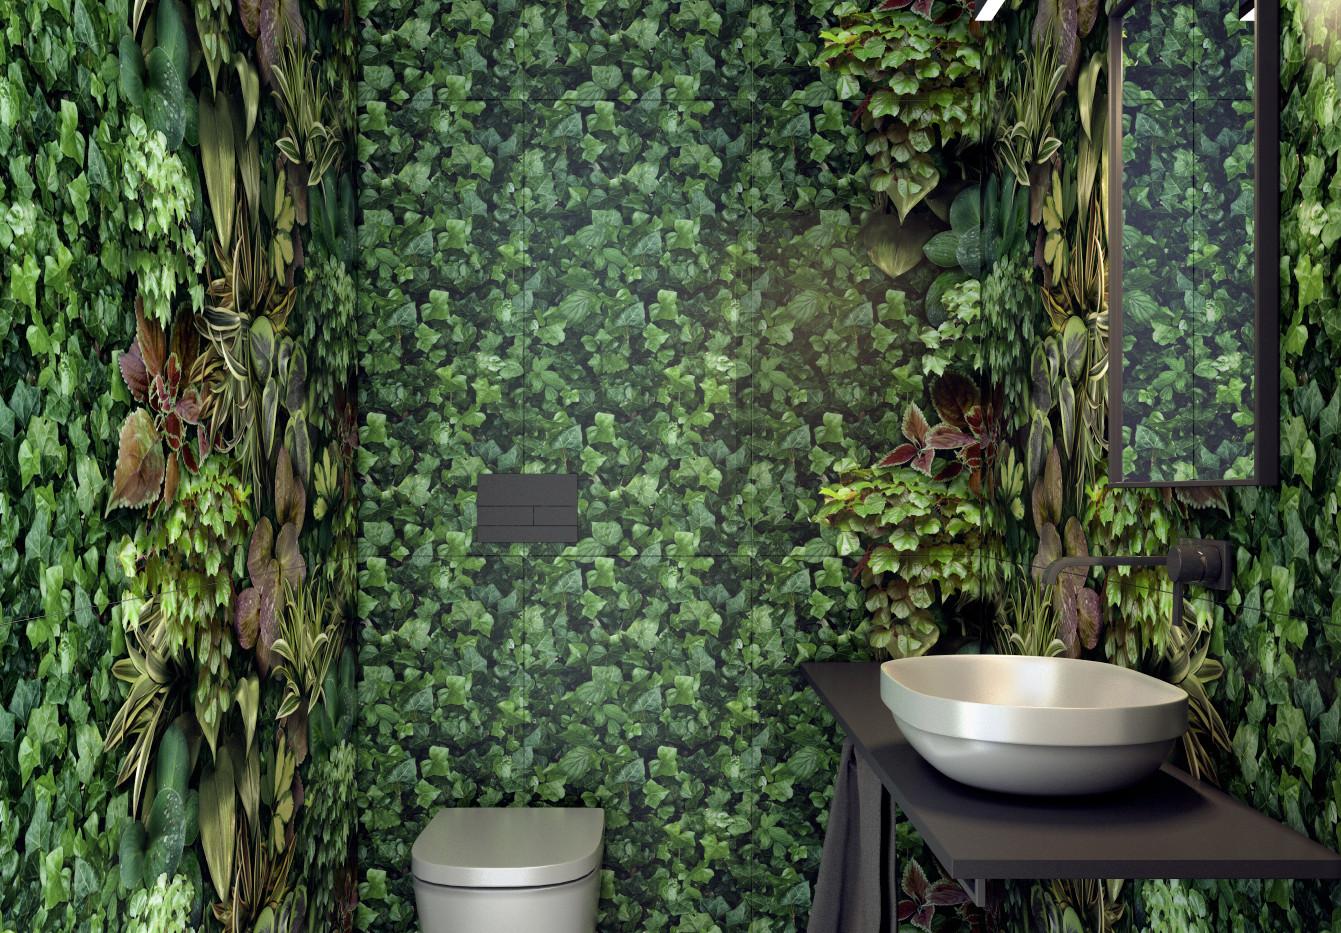 toaleta_01_1 (1).jpg